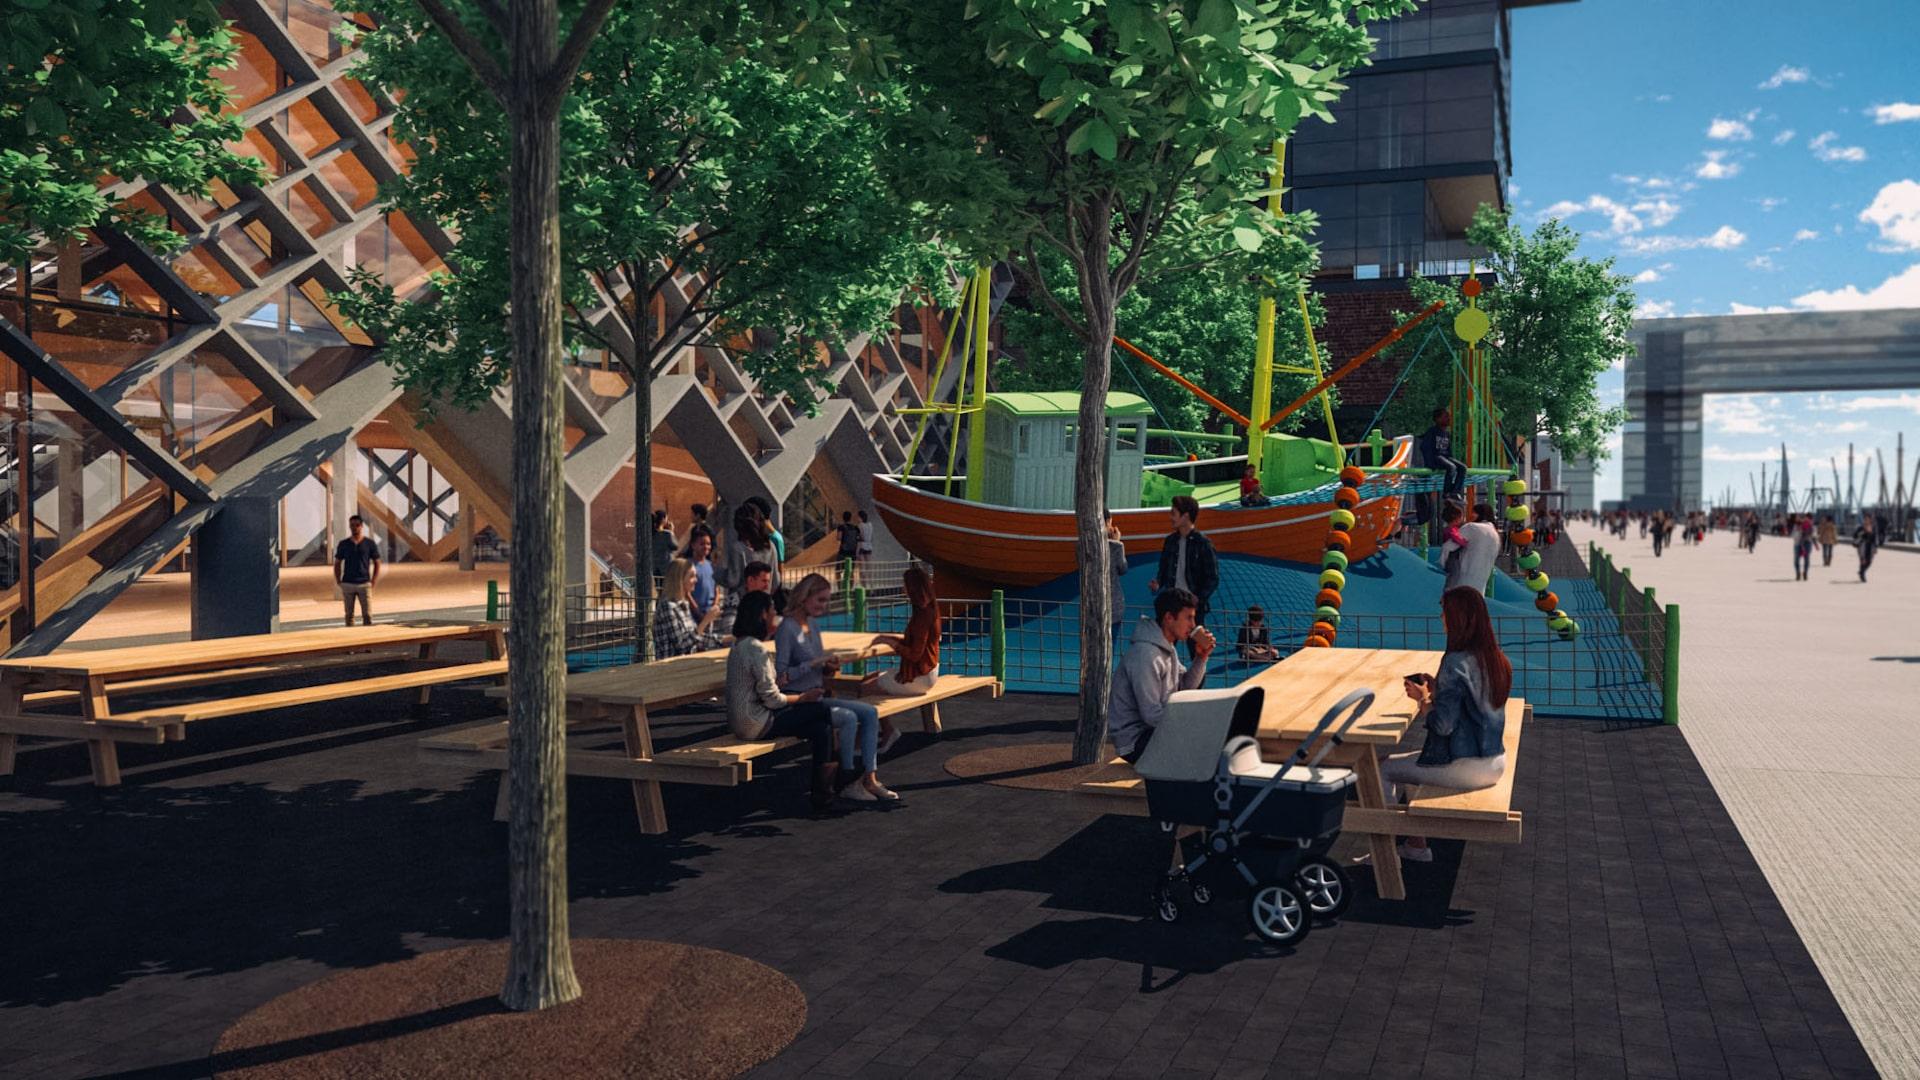 Destinationsentwicklung Quartier Alter Fischereihafen Cuxhaven Spielplatz Familien Going Places